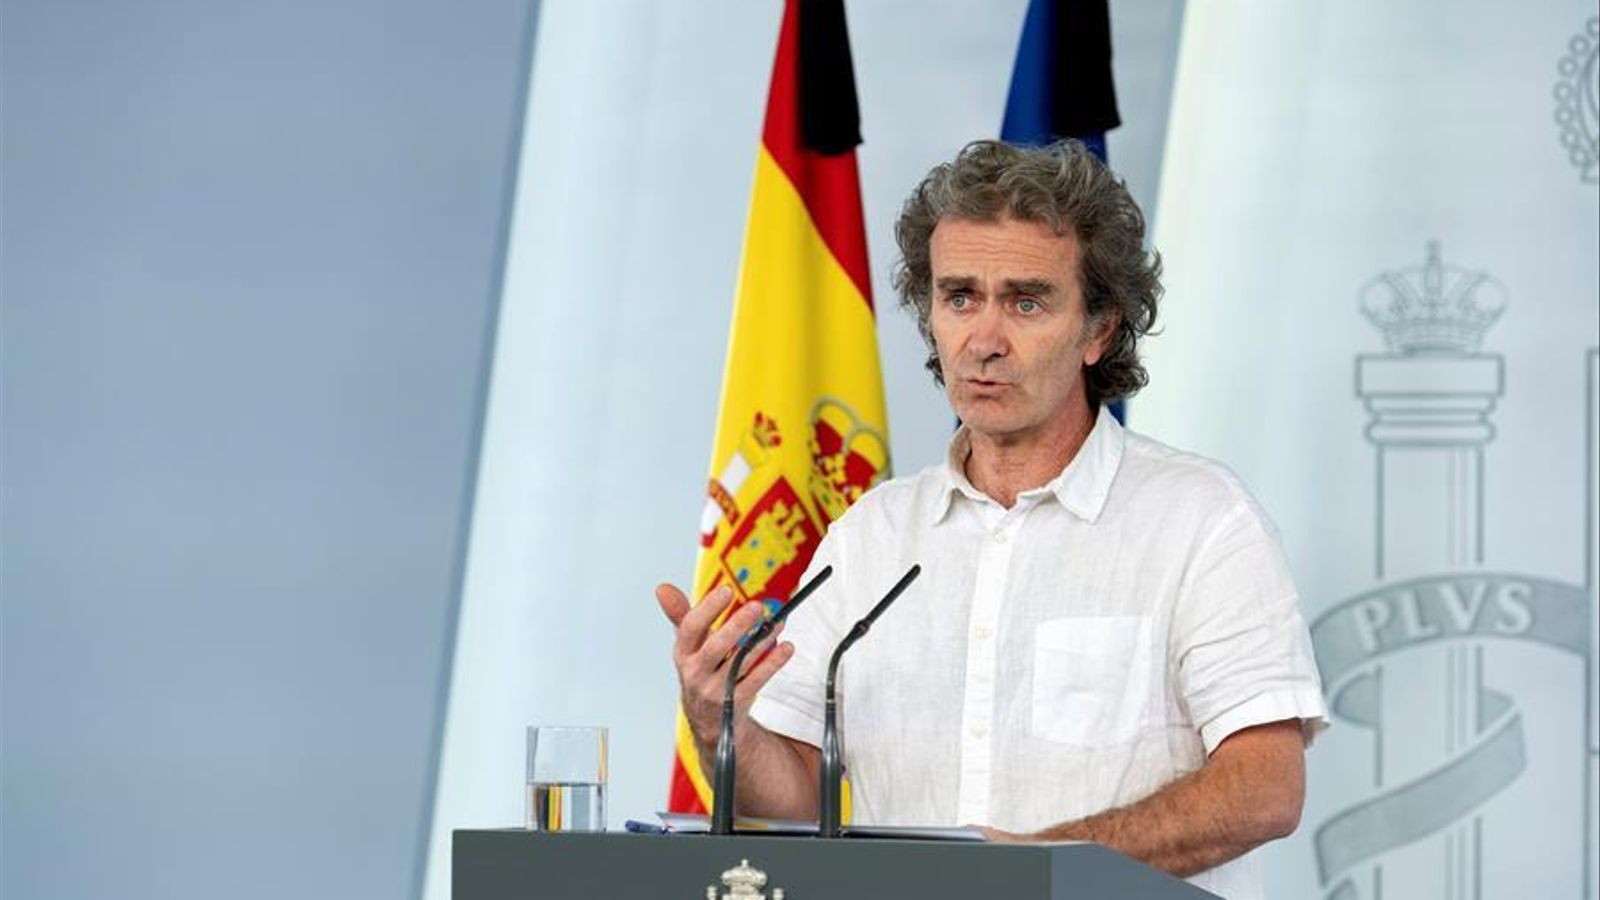 El director del Centre de Coordinació d'Alertes i Emergències Sanitàries, Fernando Simón, actualitza la situació del covid-19 a l'Estat